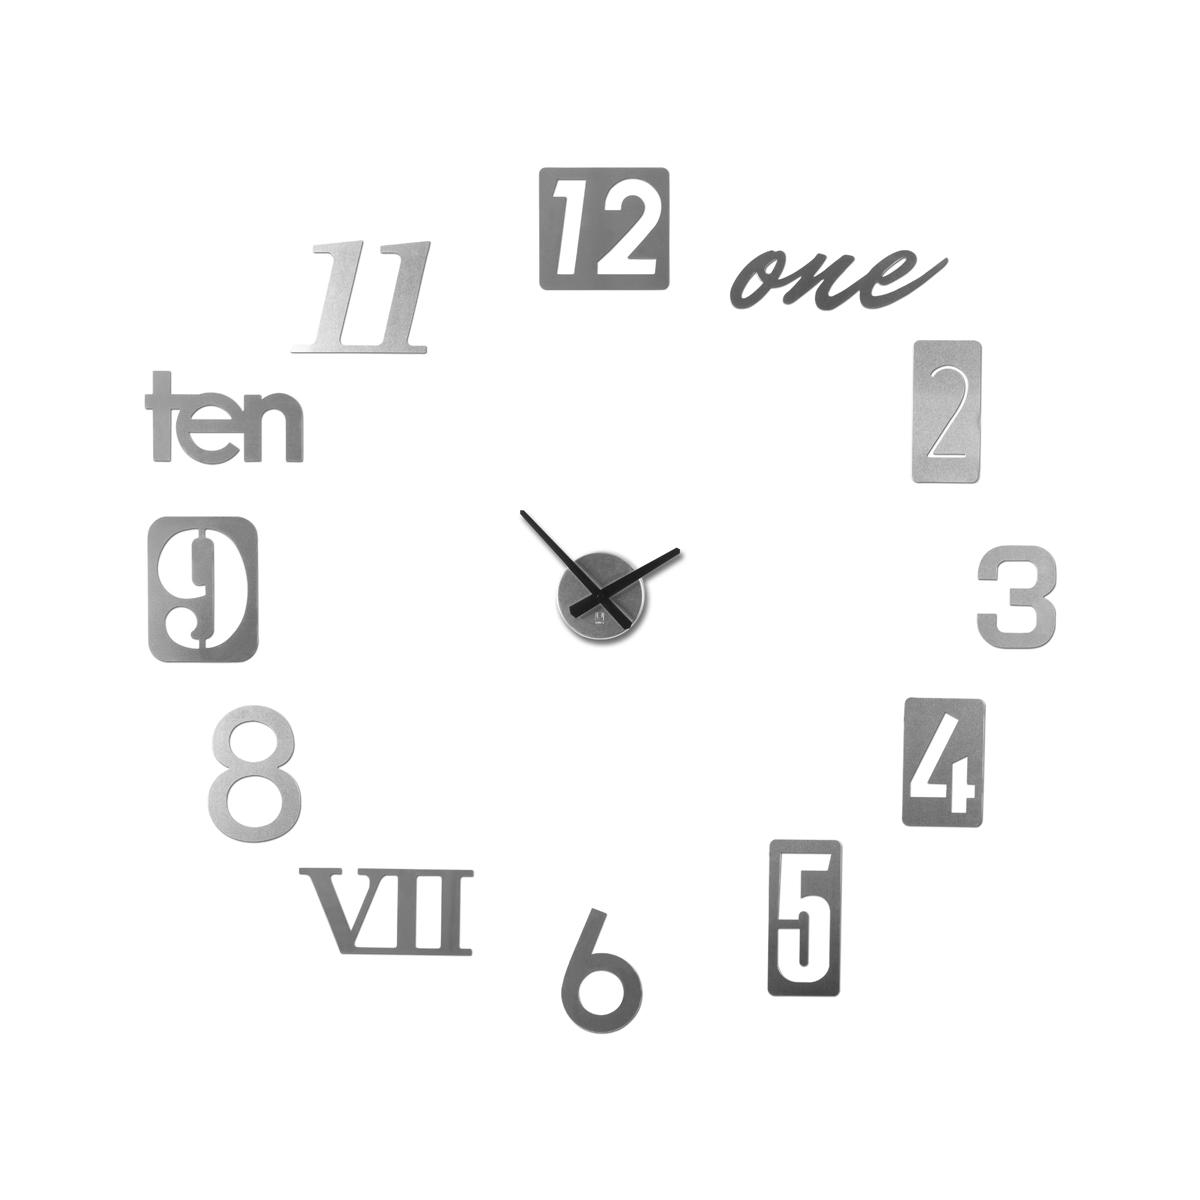 Часы настенные Umbra Numbra118430-008Вдохновением к созданию таких необычных часов послужили таблички с номерами домов на туманных английский улочках. Каждый элемент часов Numbra крепится отдельно, таким образом вы можете сами решить, на каком расстоянии цифры будут располагаться друг относительно друга, будут ли они кругом, ромбом, треугольником. Можно расположить их близко по трафарету, который идет в комплекте, а можно на расстоянии, задействовав все пространство любой скучной и пустой стены.В комплекте 12 металлических цифр, механизм со стрелками, трафарет, а также специальная монтажная липучка для крепления часов к стене.Механизм работает при помощи двух батареек АА. Таблички с цифрами делятся на три вида по размеру: 22.9 х 7.6 см, 17.8 х 17.8 см и 15.2 х 10.7 см